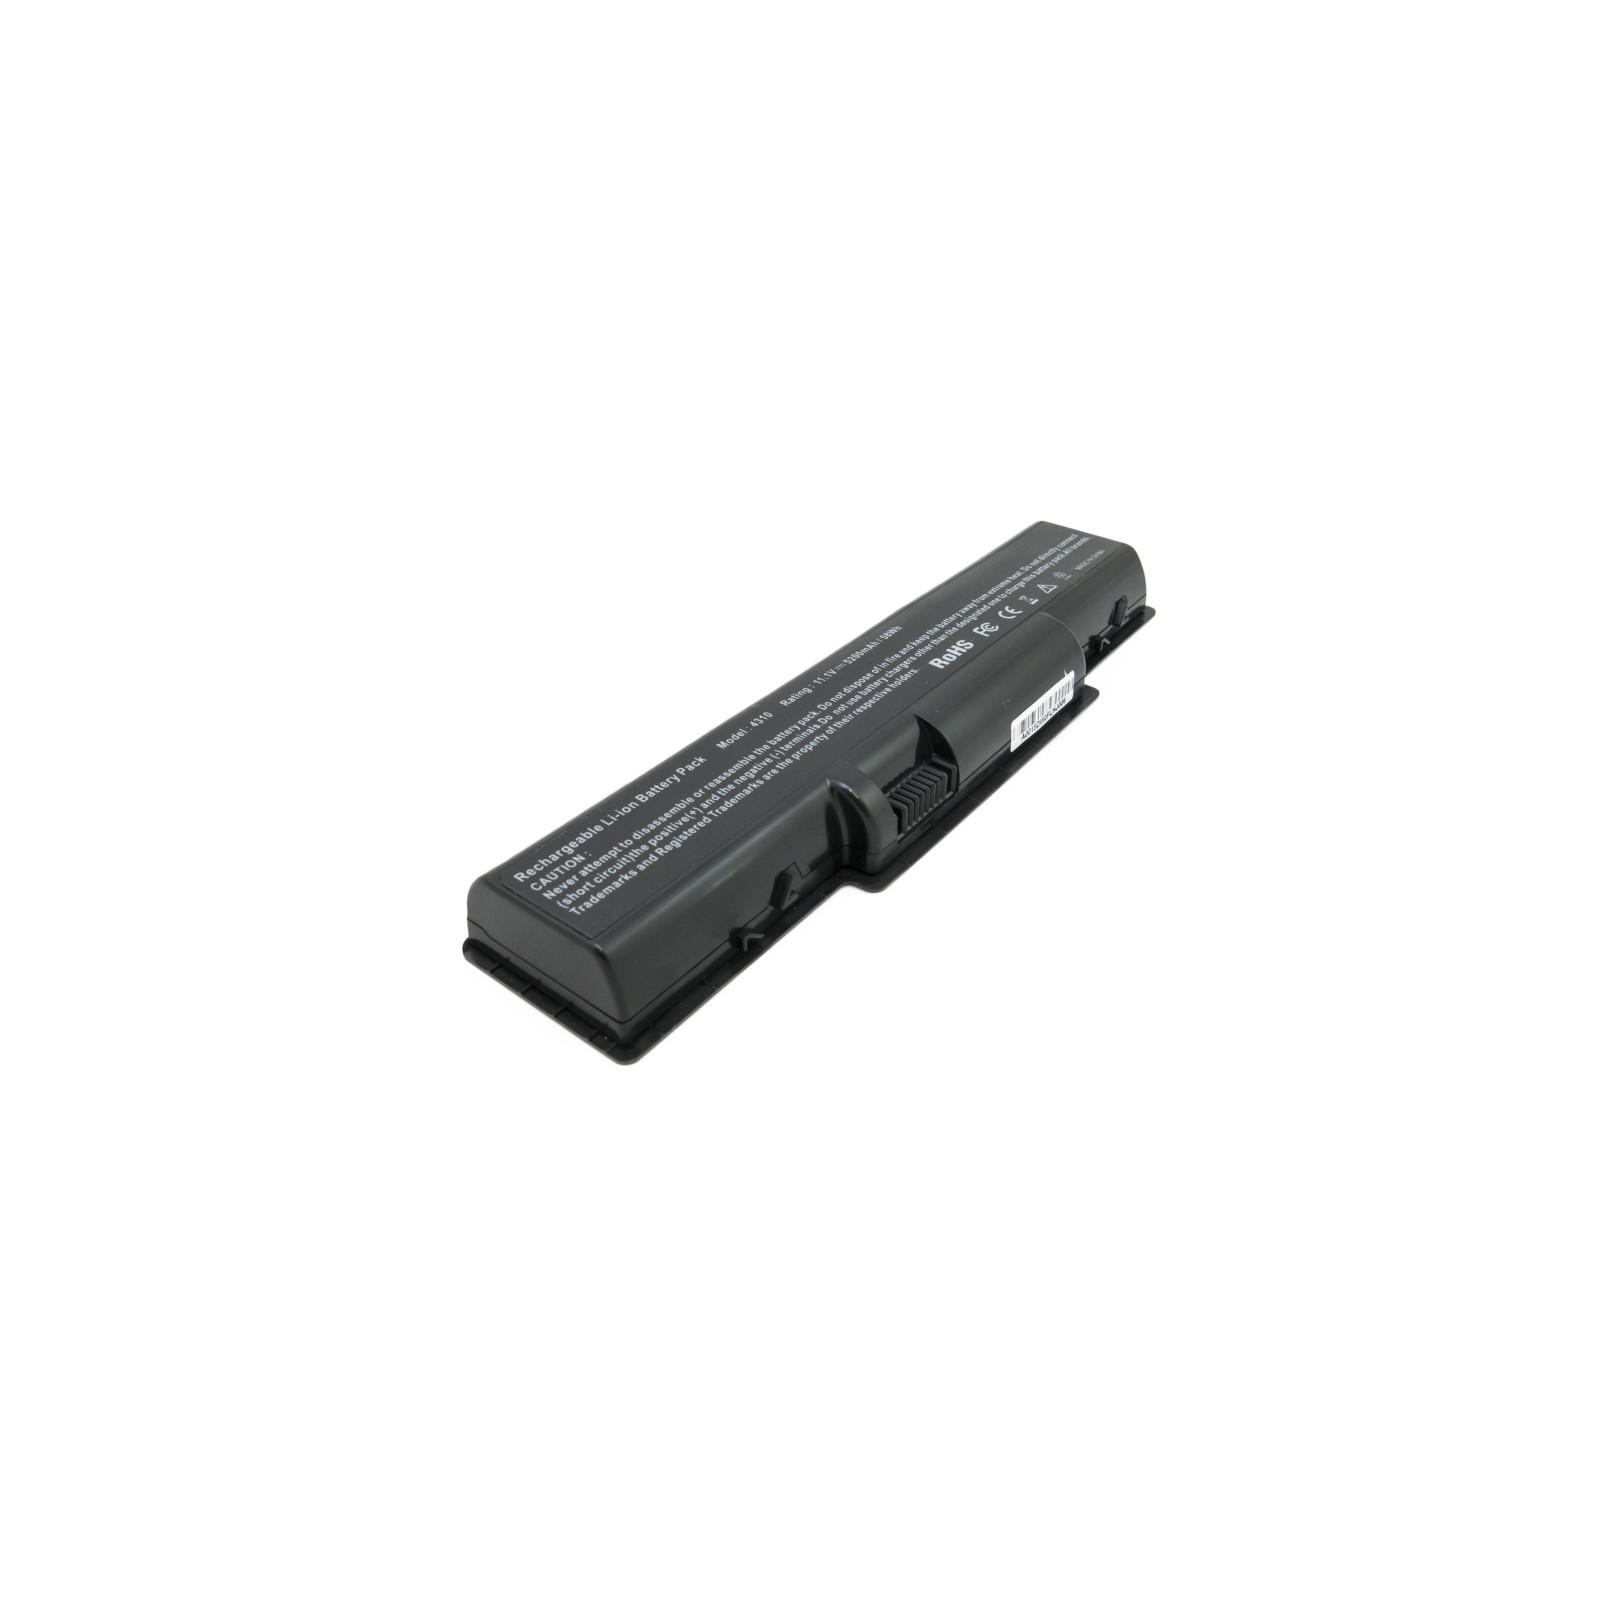 Аккумулятор для ноутбука Acer Aspire 4310 (AS07A41) 5200 mAh EXTRADIGITAL (BNA3906) изображение 2